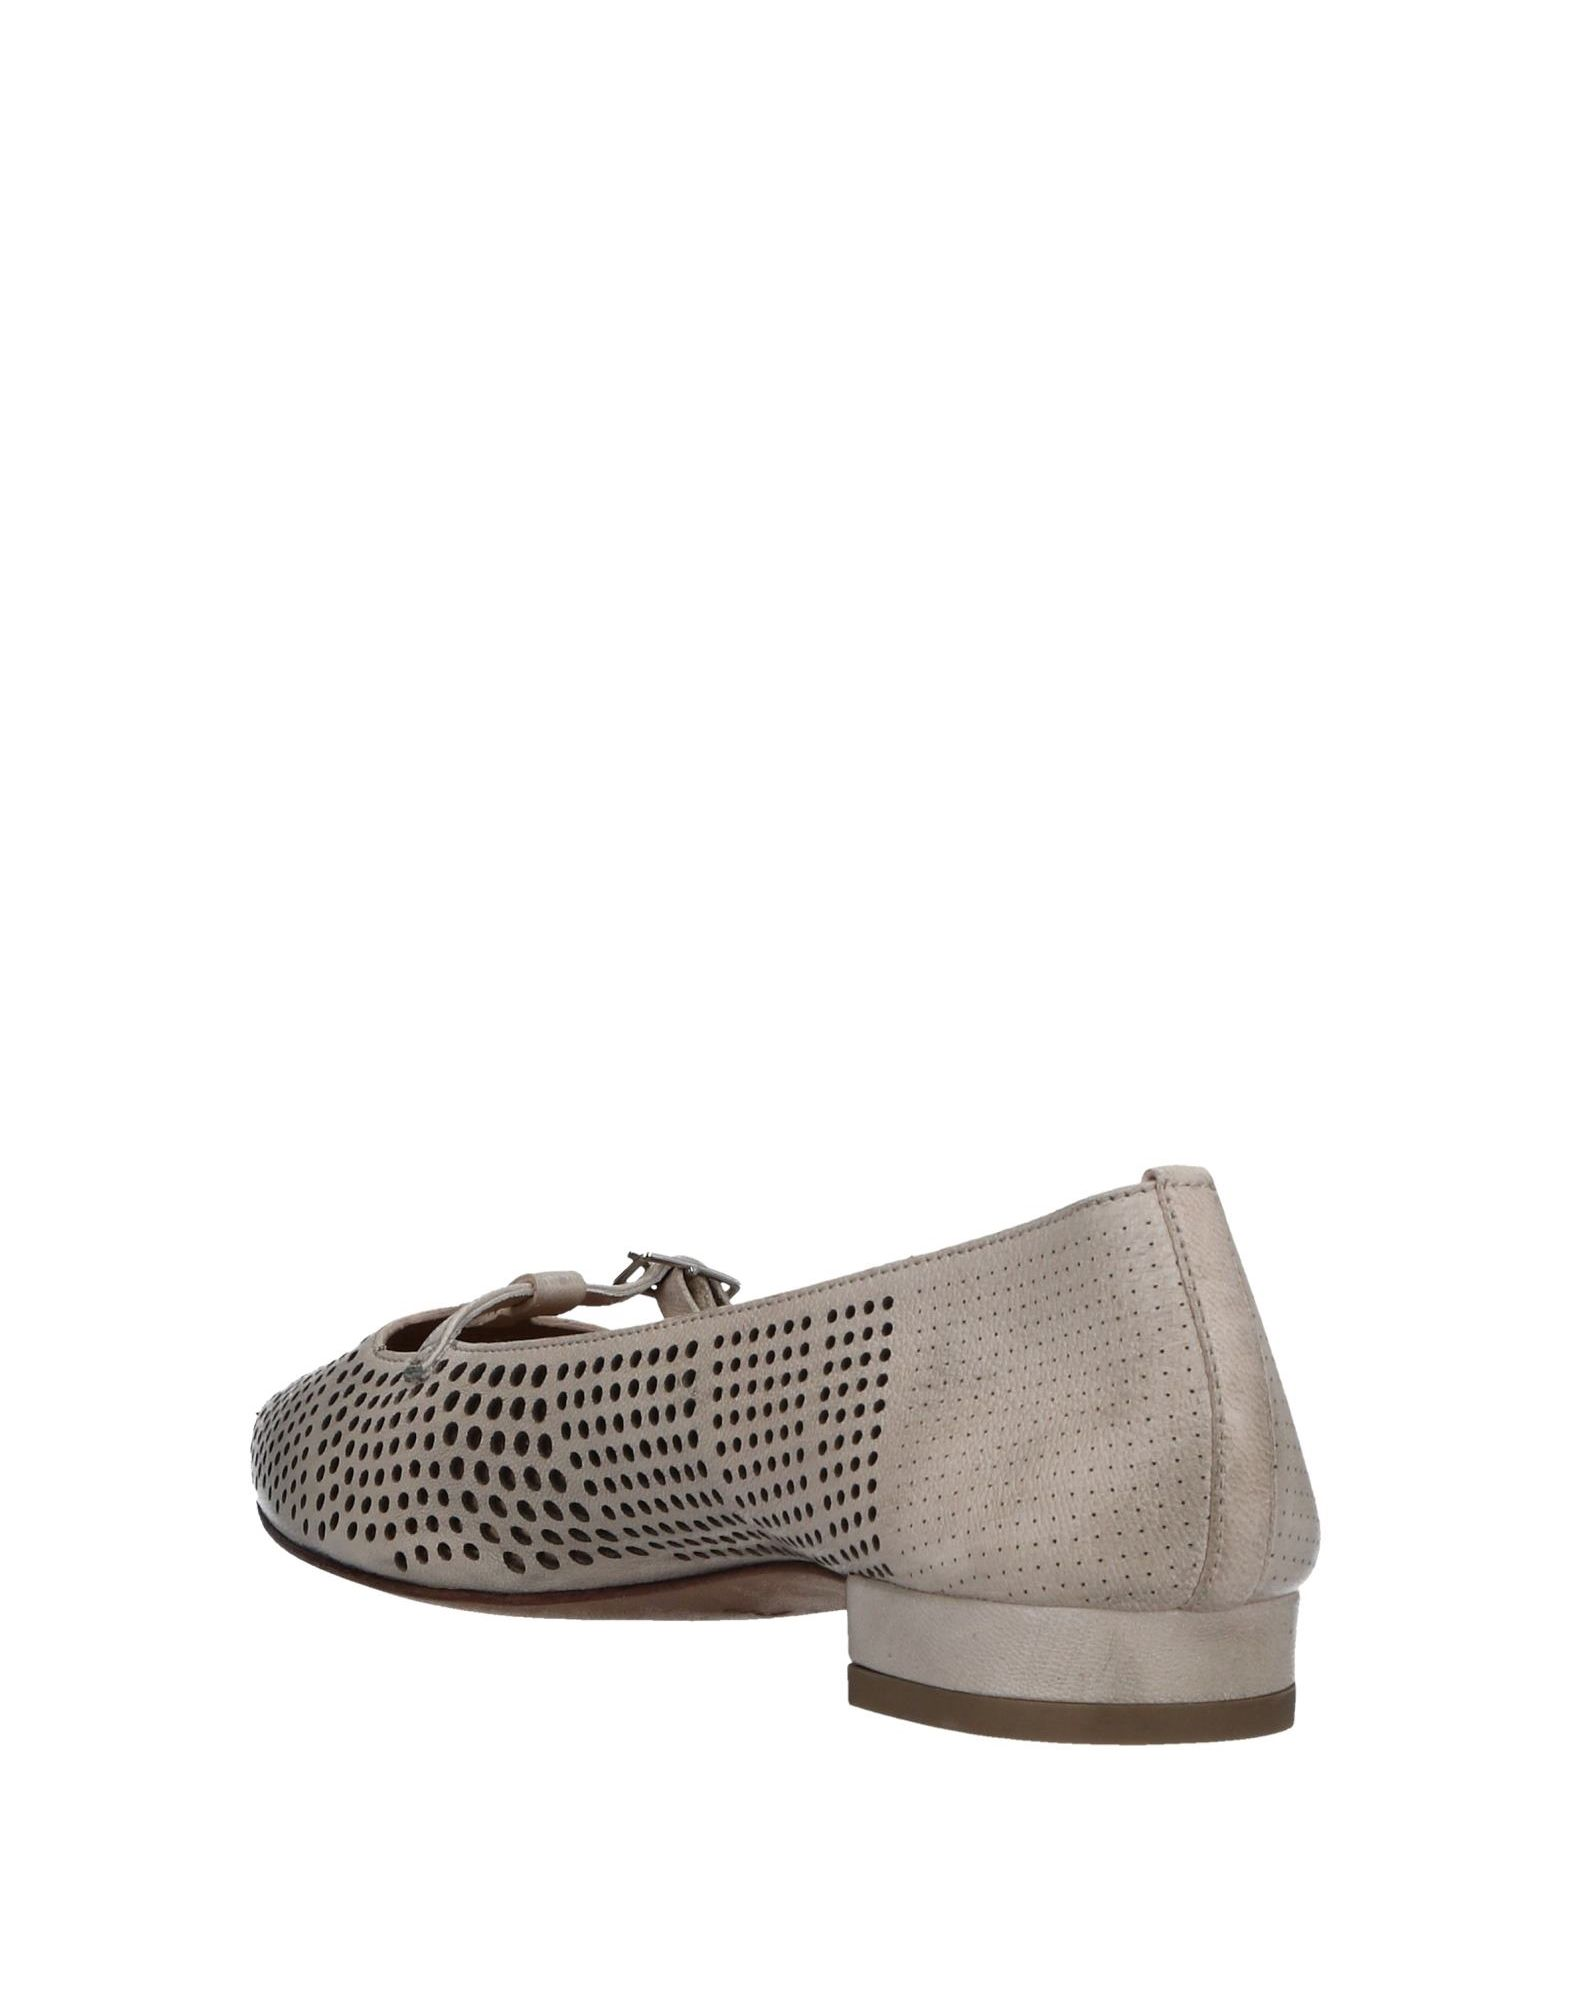 J|D Julie Gute Dee Ballerinas Damen  11126351UJ Gute Julie Qualität beliebte Schuhe 658355